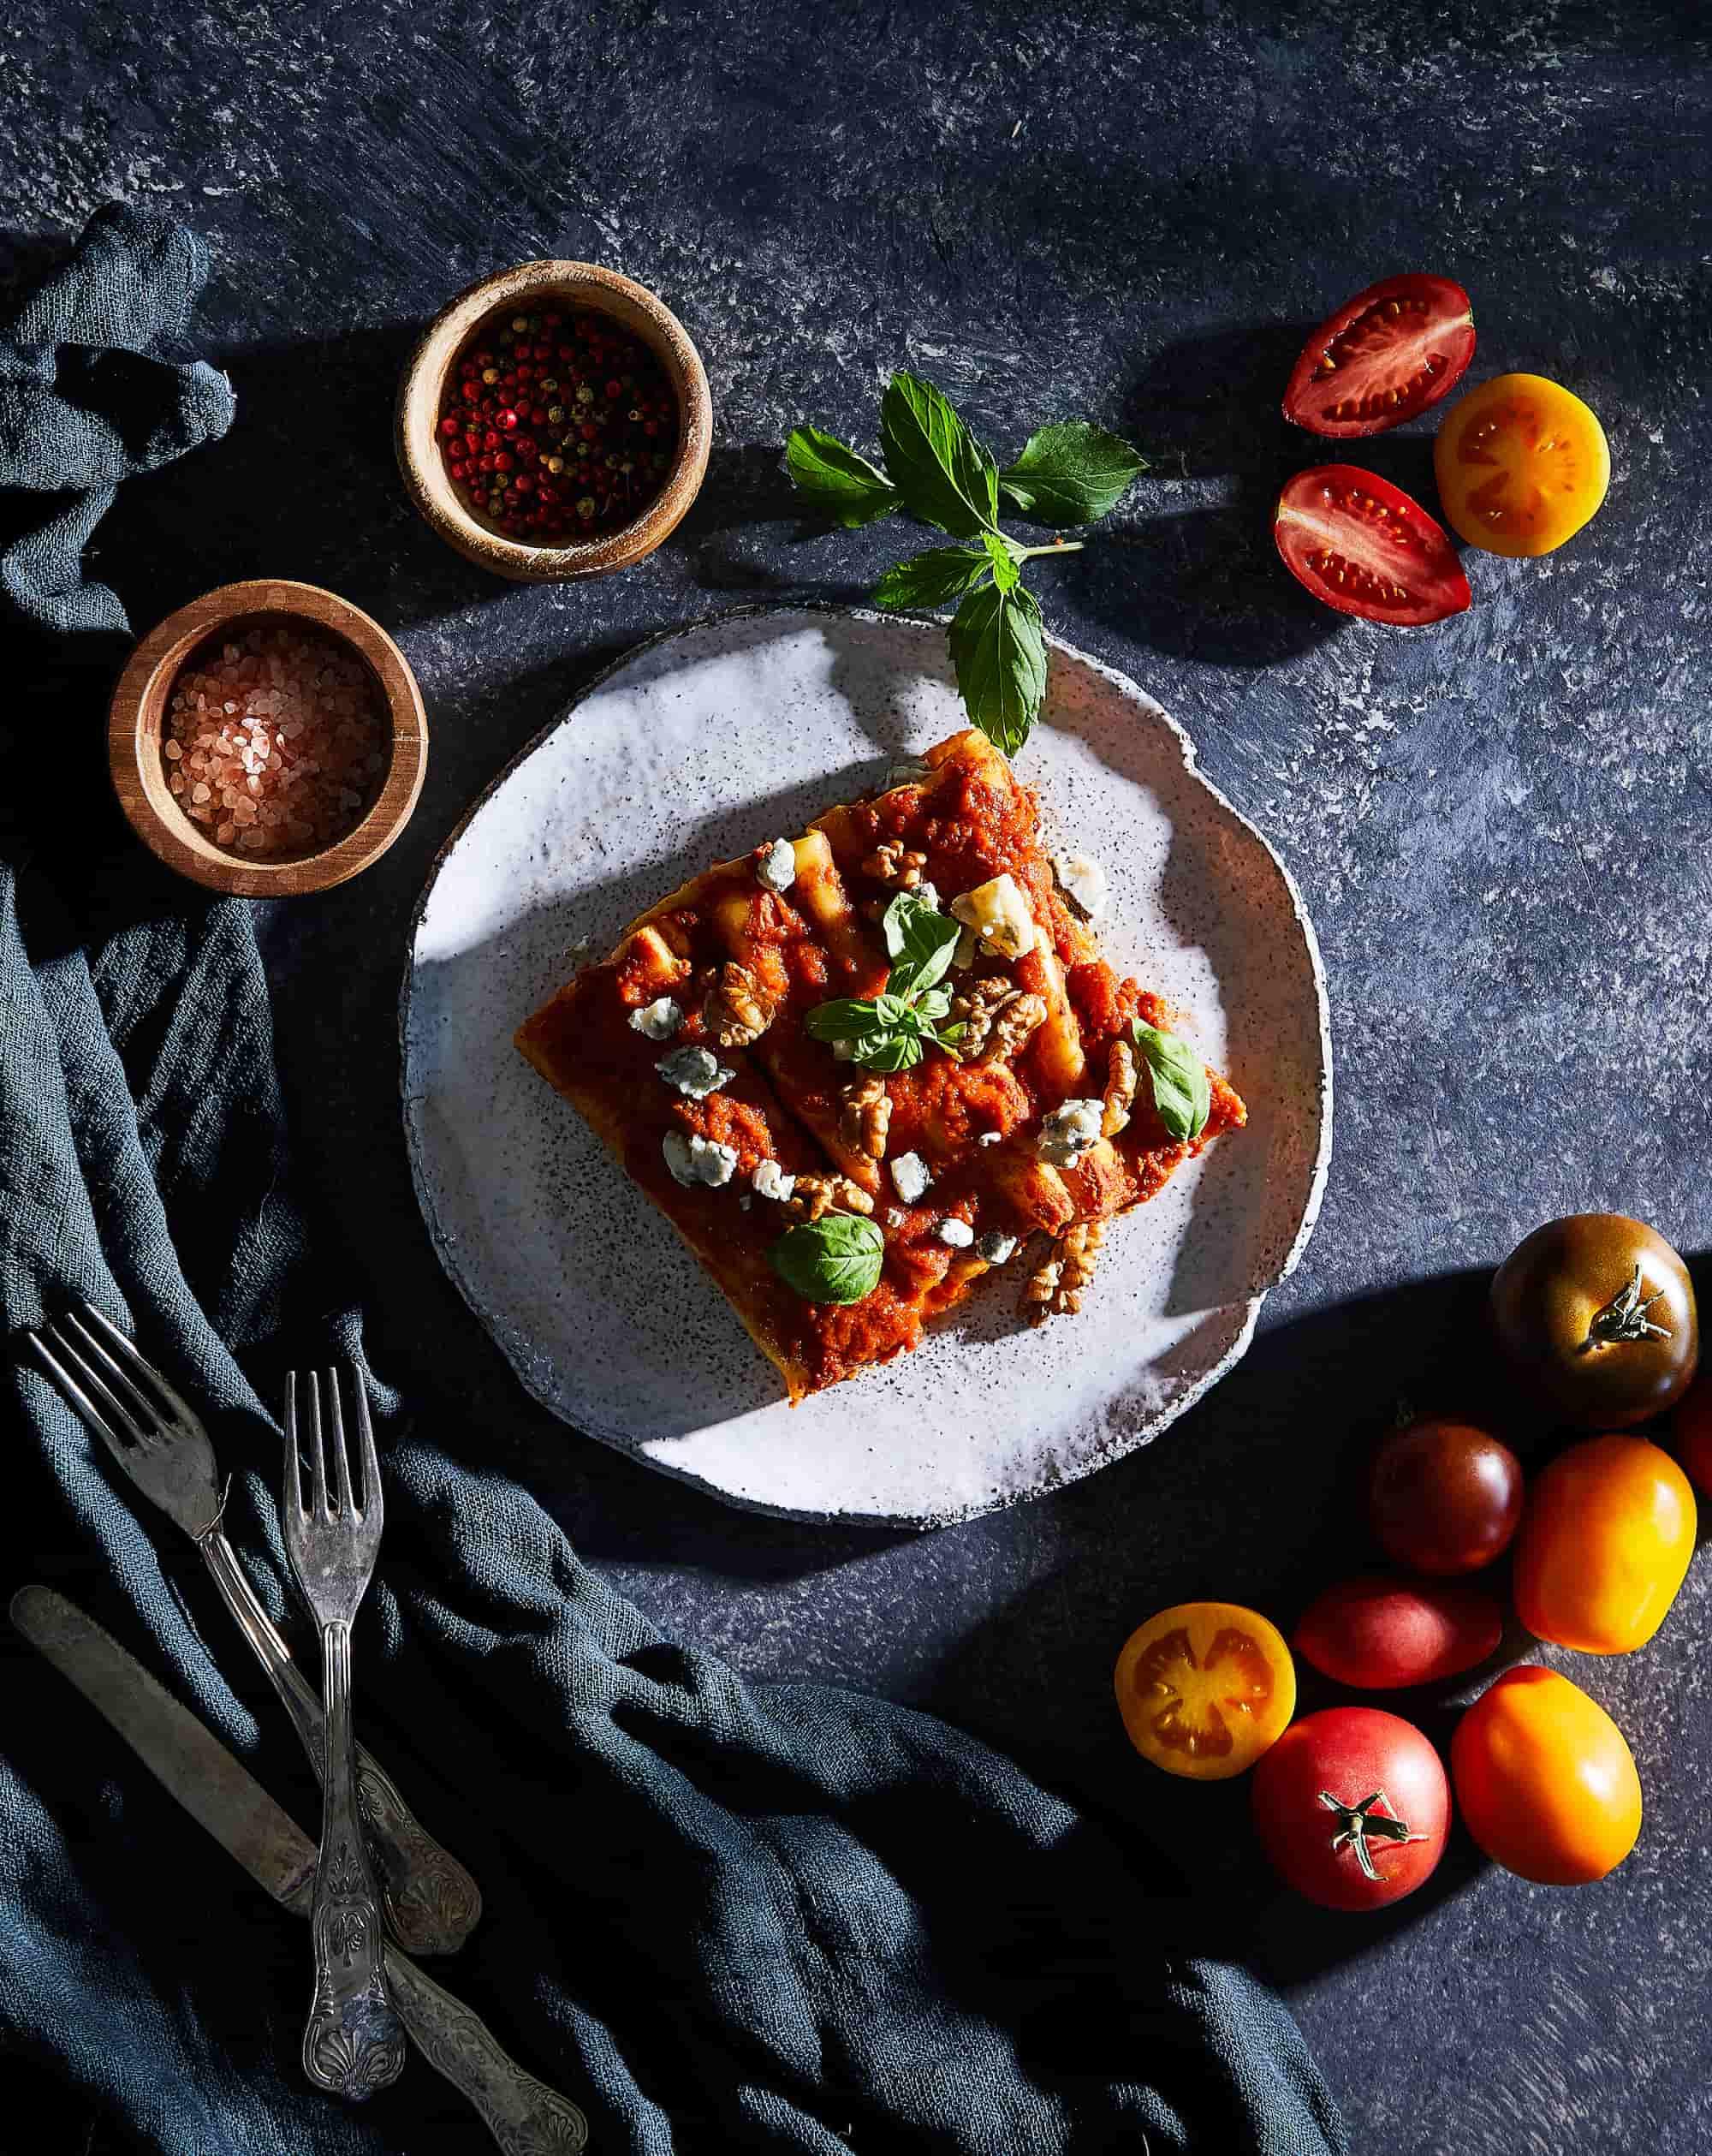 weganska dieta pudełkowa ntfy - pizza vegan